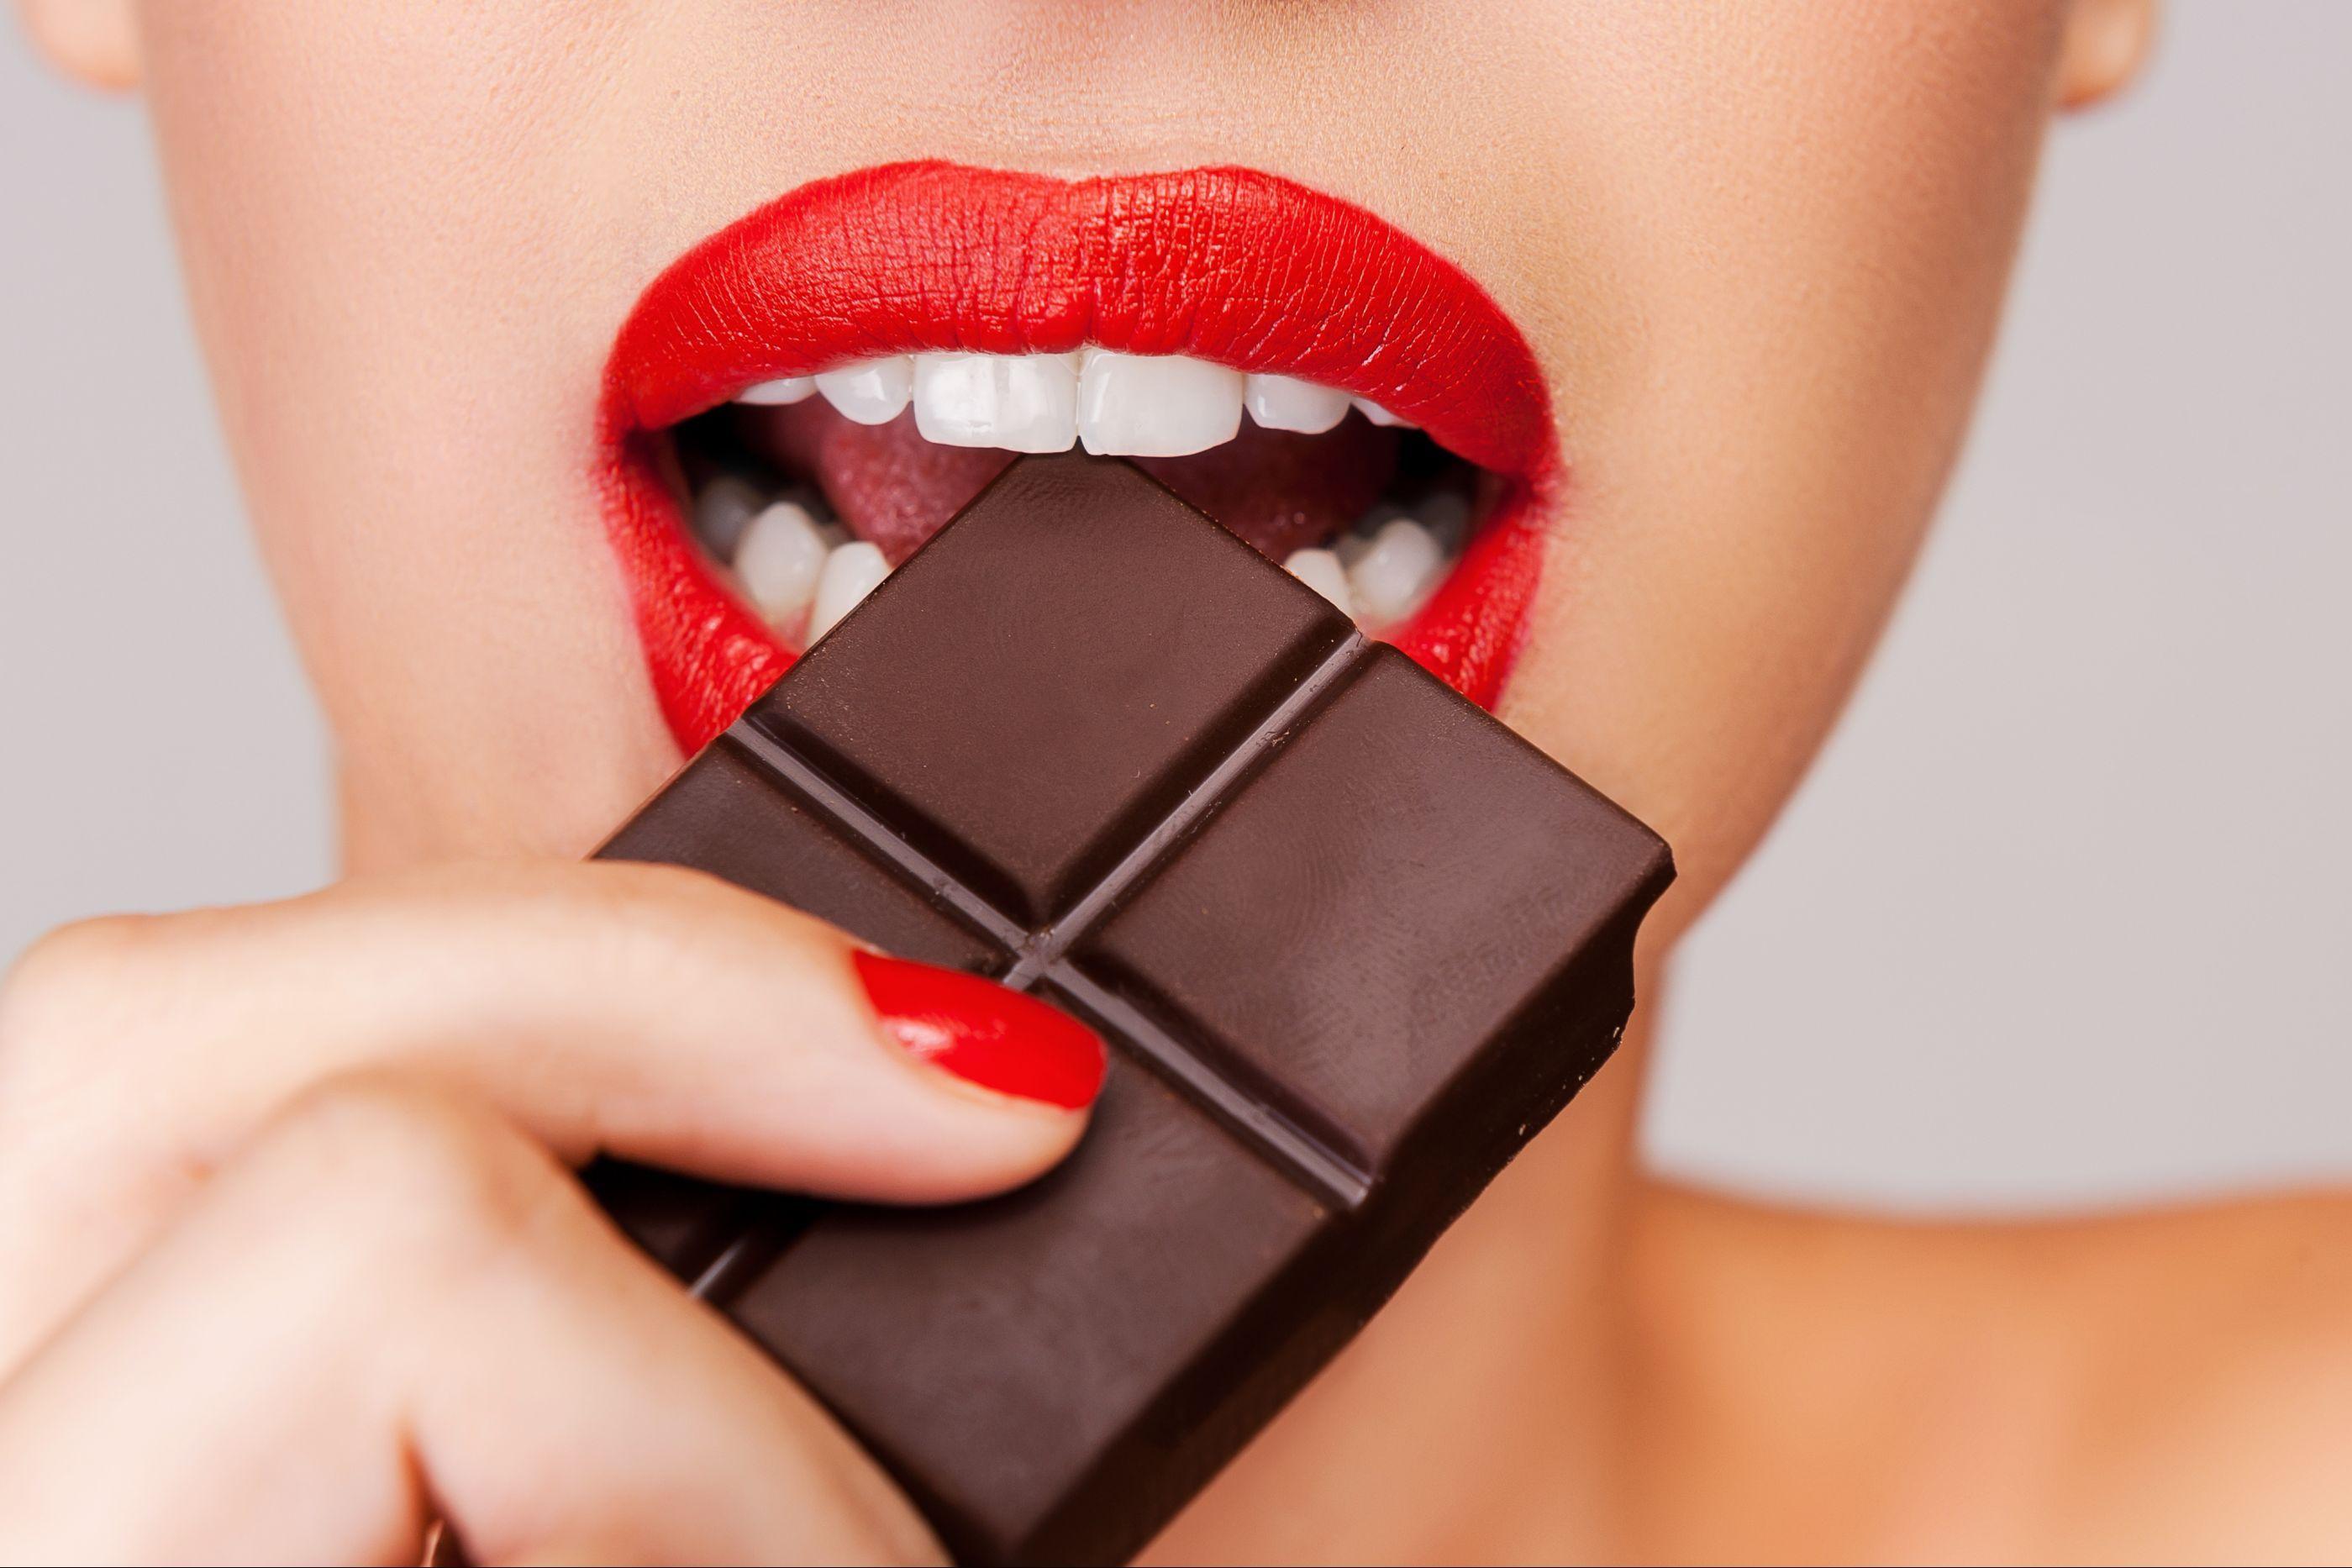 O leitor perguntou: Afinal, por que gostamos tanto de comer chocolate?